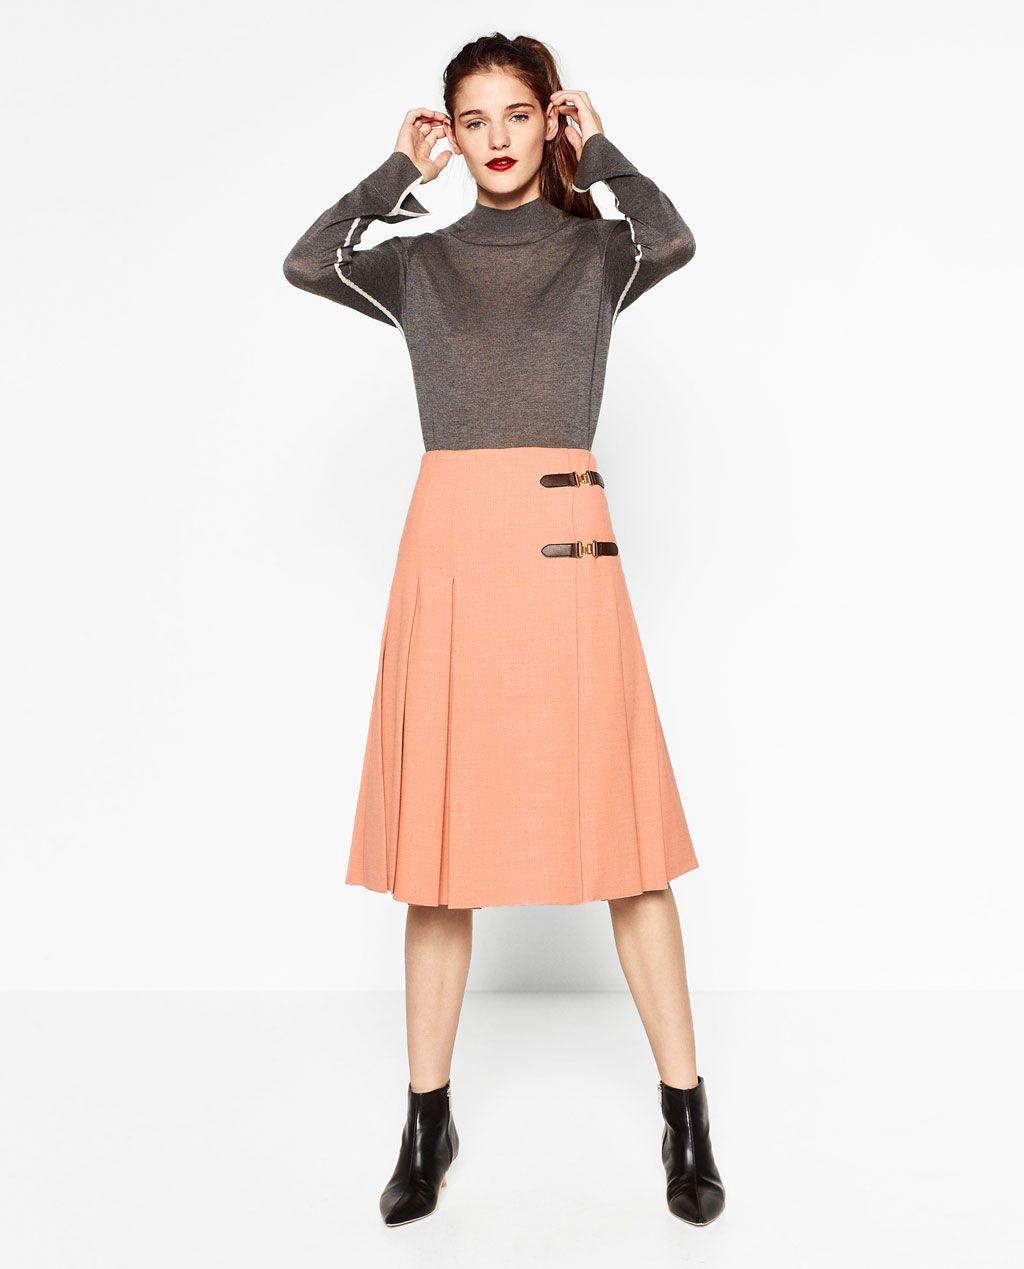 b6fa58db6 Imagen 1 de FALDA MIDI TABLAS de Zara | Moda Y Estilo _ Fashion And ...